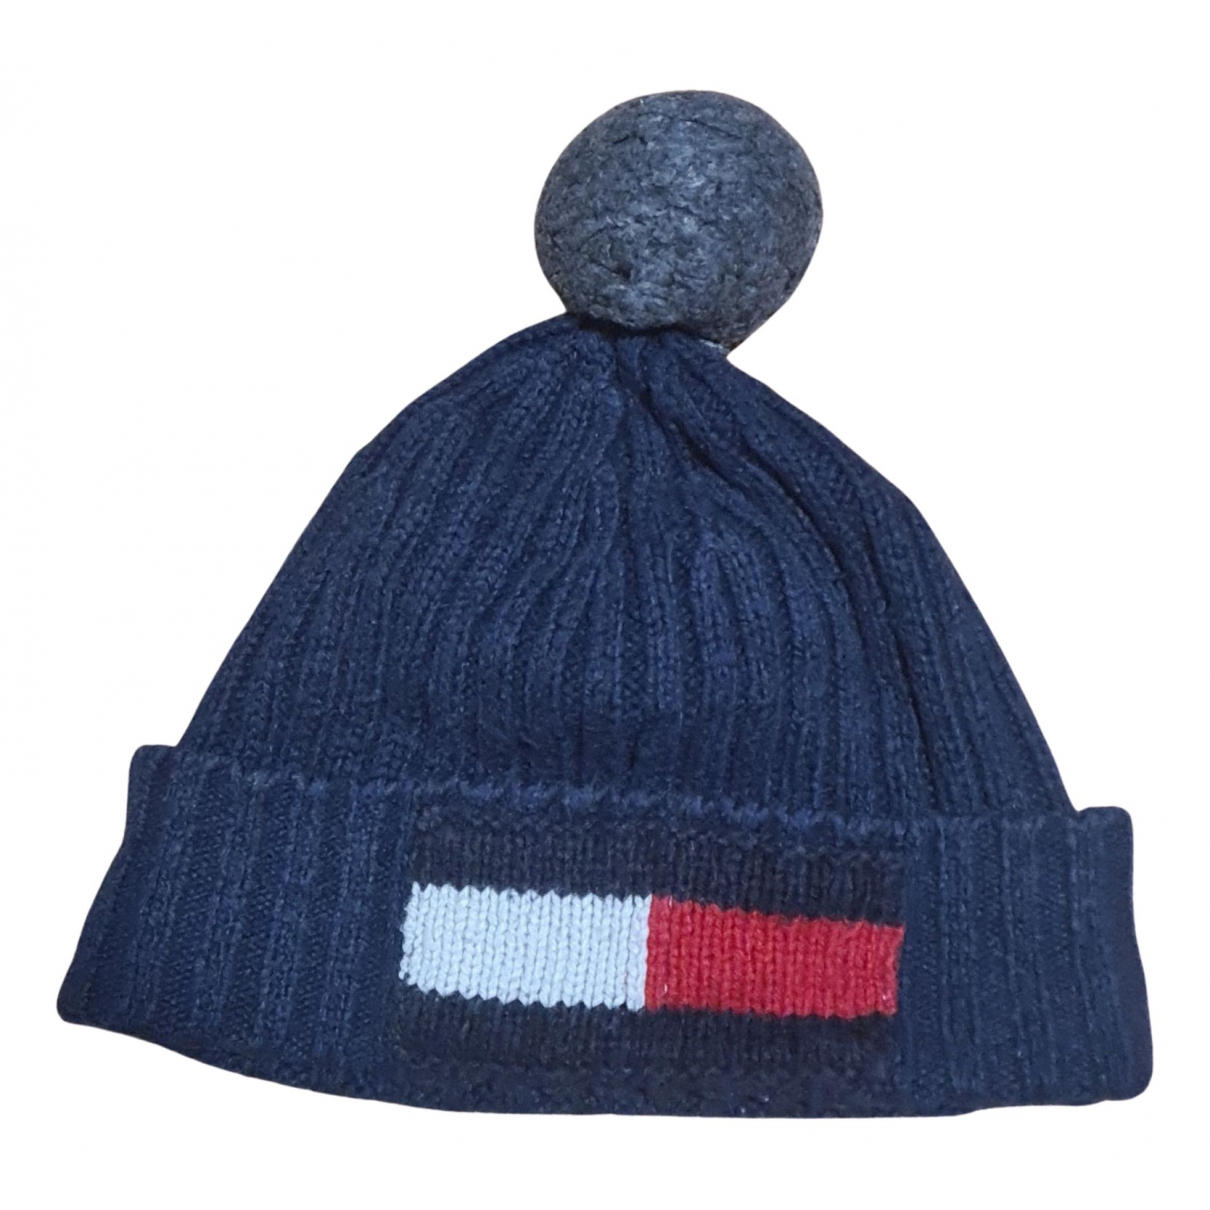 Tommy Hilfiger - Chapeau & Bonnets   pour homme en laine - bleu